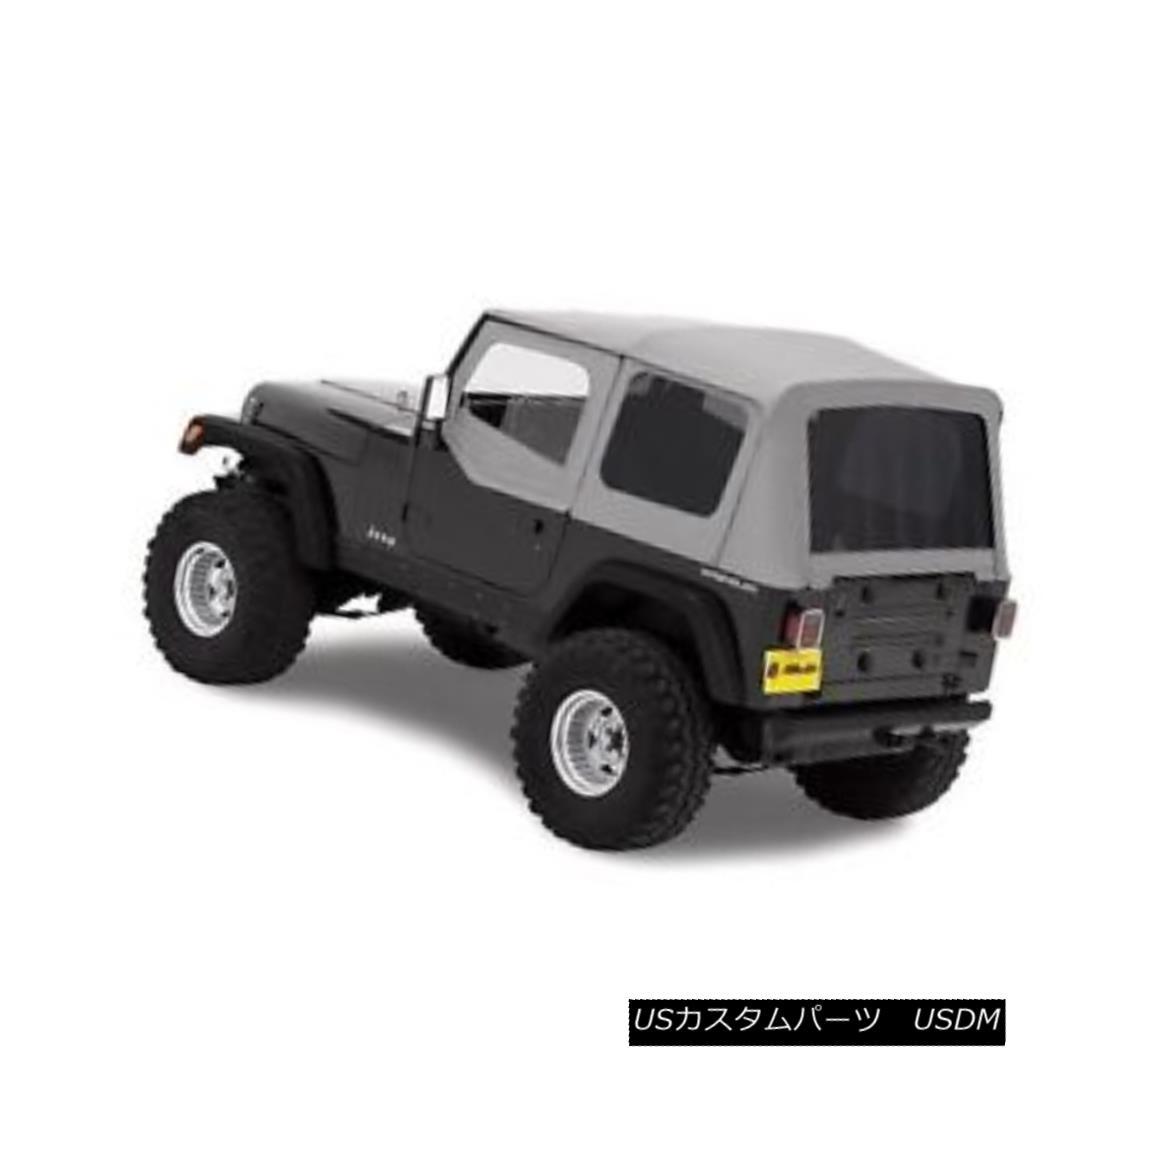 幌・ソフトトップ Bestop Replace A Top 88-95 Jeep Wrangler YJ Half Door Skins Tinted Charcoal Bestopを交換する88-95ジープラングラーYJハーフ・ドア・スキンを着色したチャコール